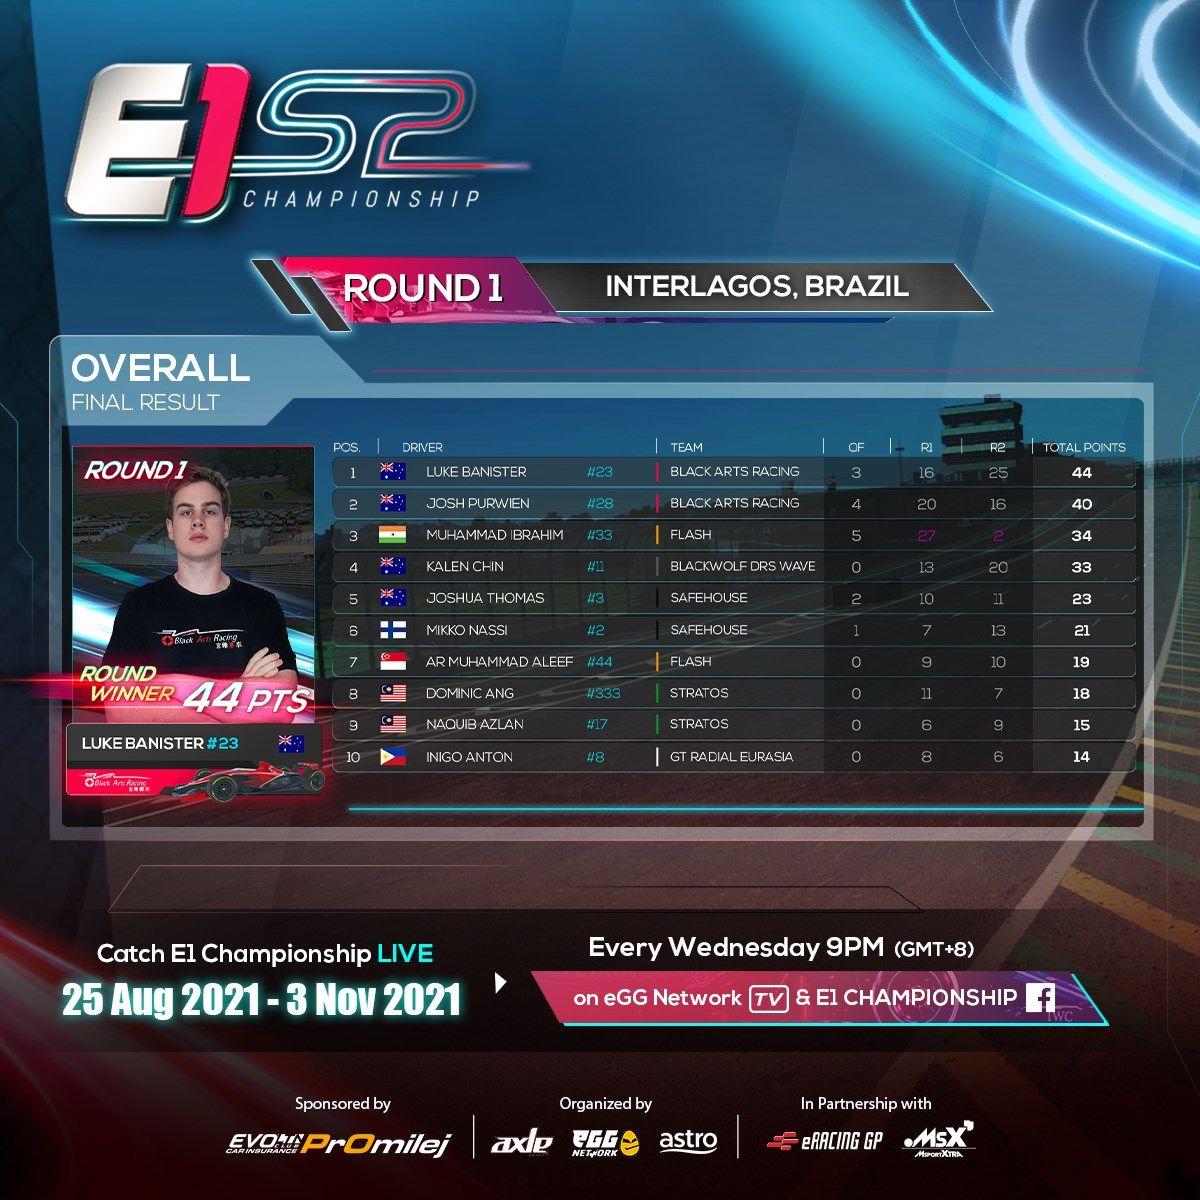 E1 Championship